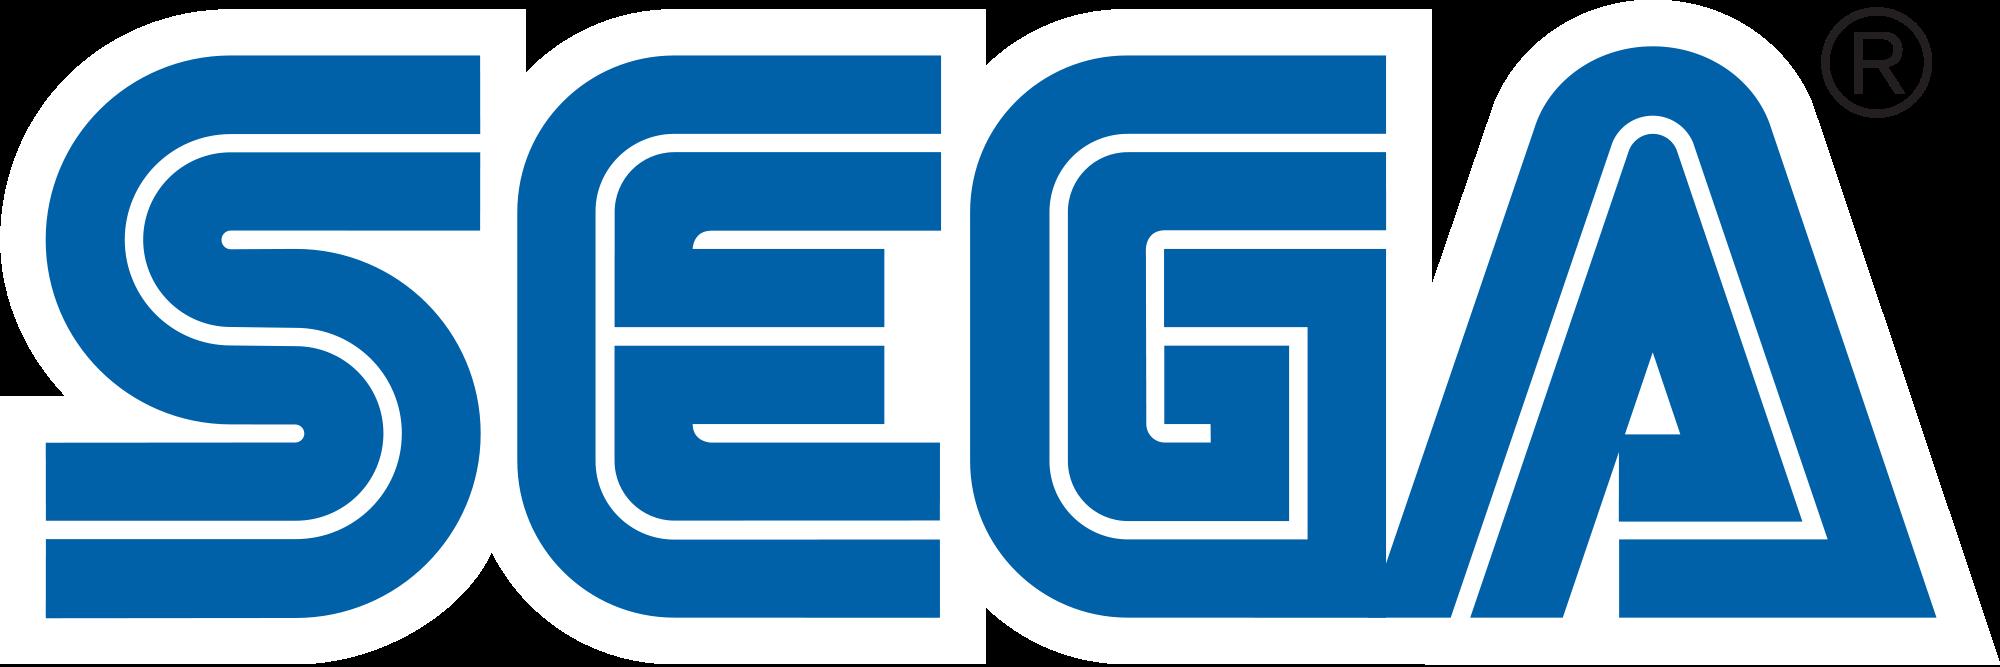 [Dehorvie] ►Gros lot de vinyles de jeux vidéo et PLV rétro◄ SEGA_logo